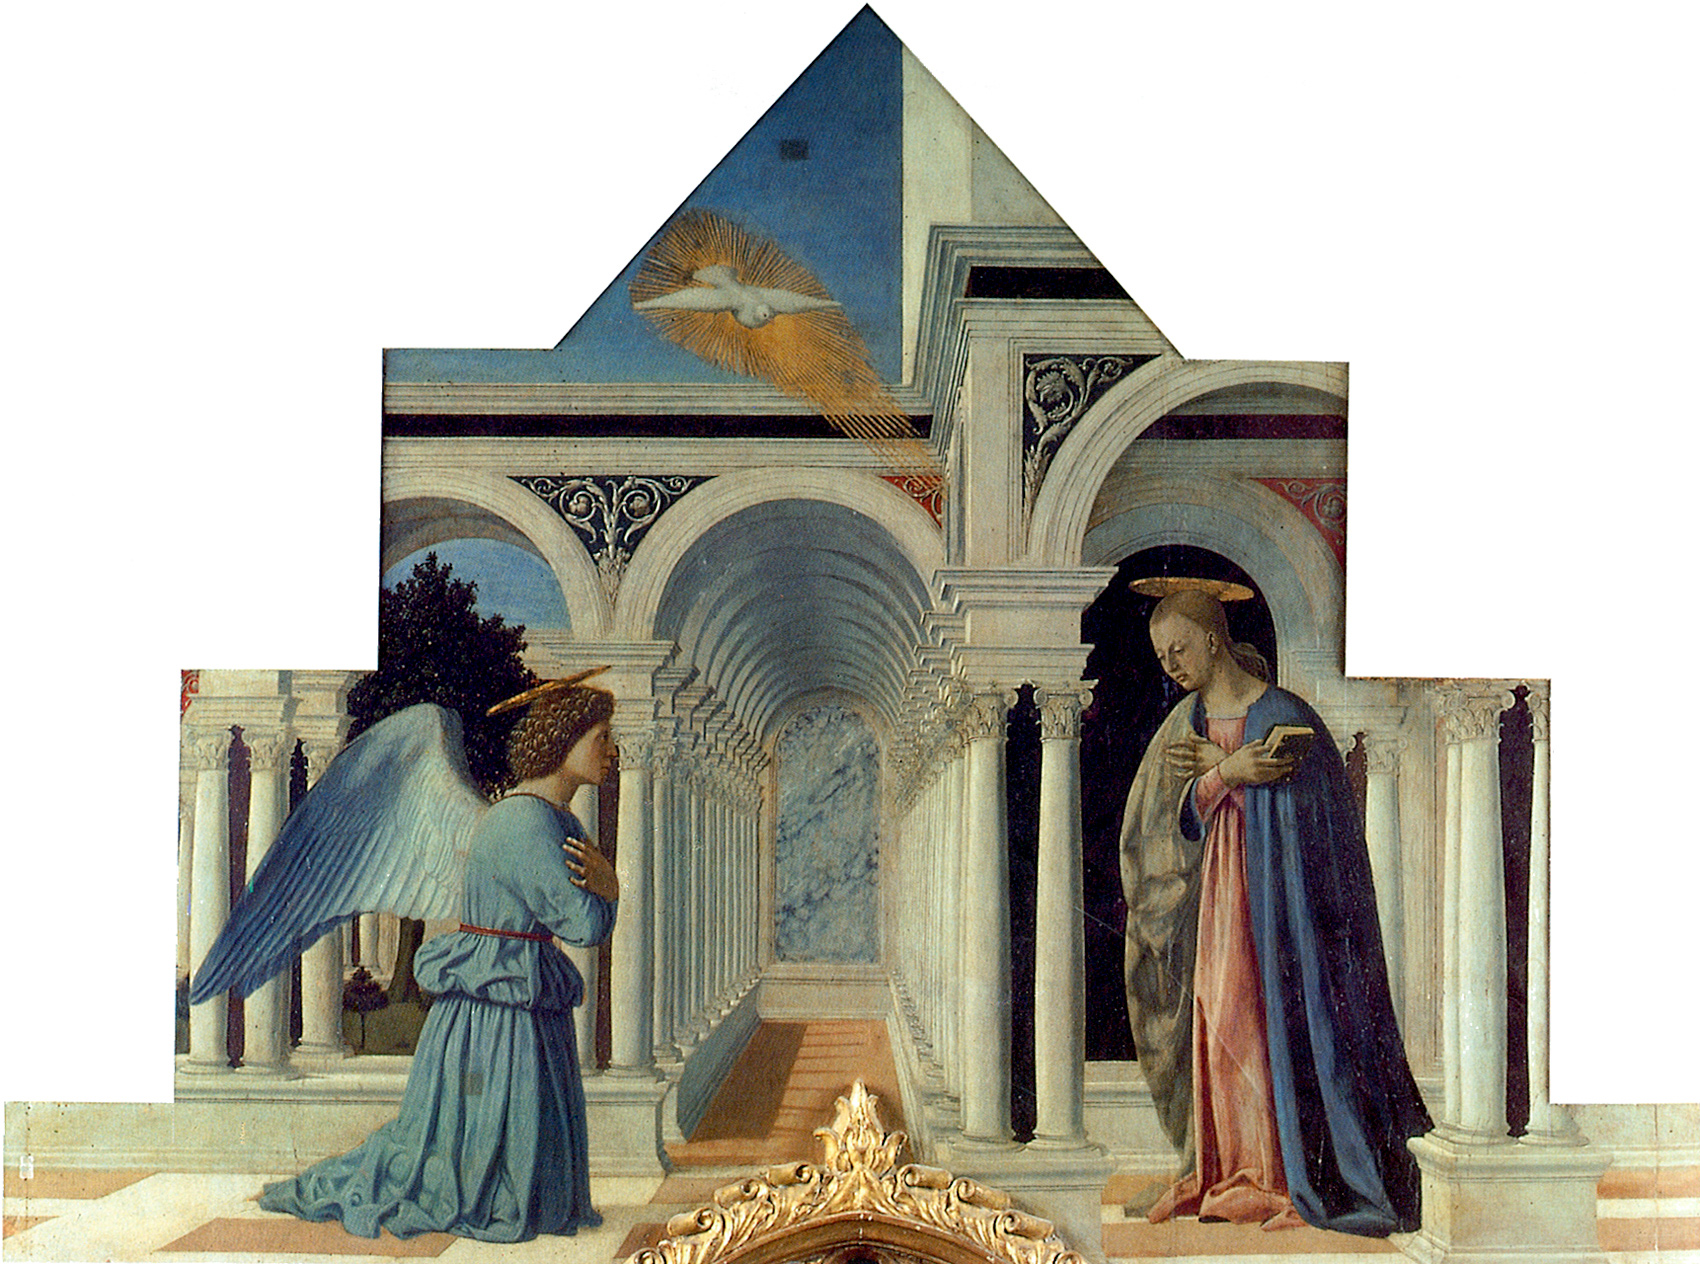 Annunciazione, Galleria Nazionale dell'Umbria, Perugia dans immagini sacre Piero%2C_Polittico_di_Sant%27Antonio_05